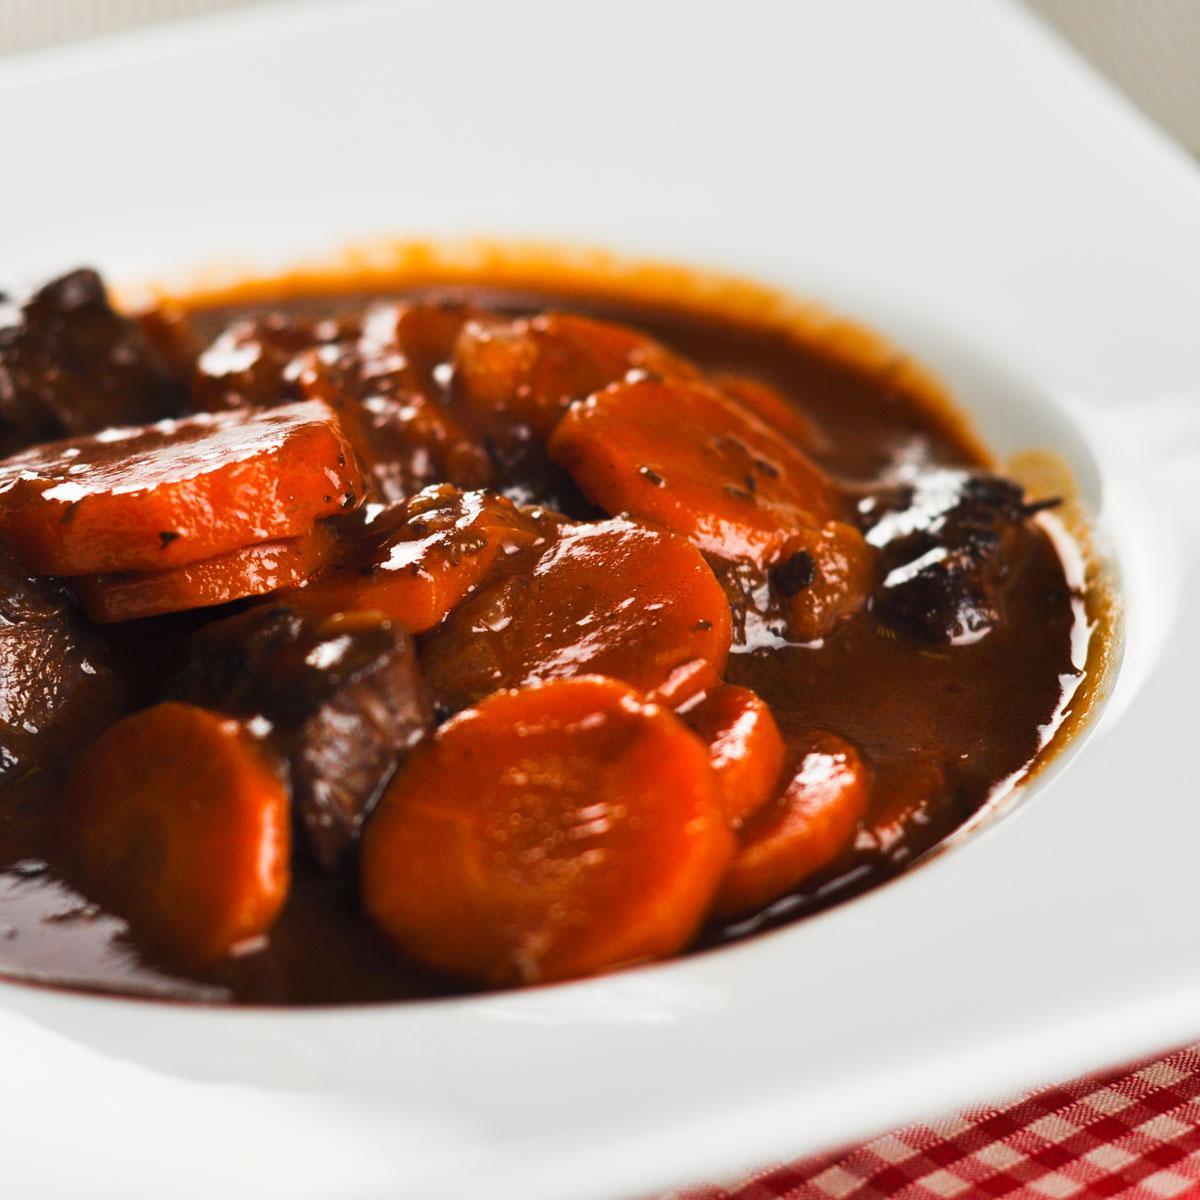 Recette daube de b uf aux carottes cuisine madame figaro - Comment cuisiner des flageolets ...